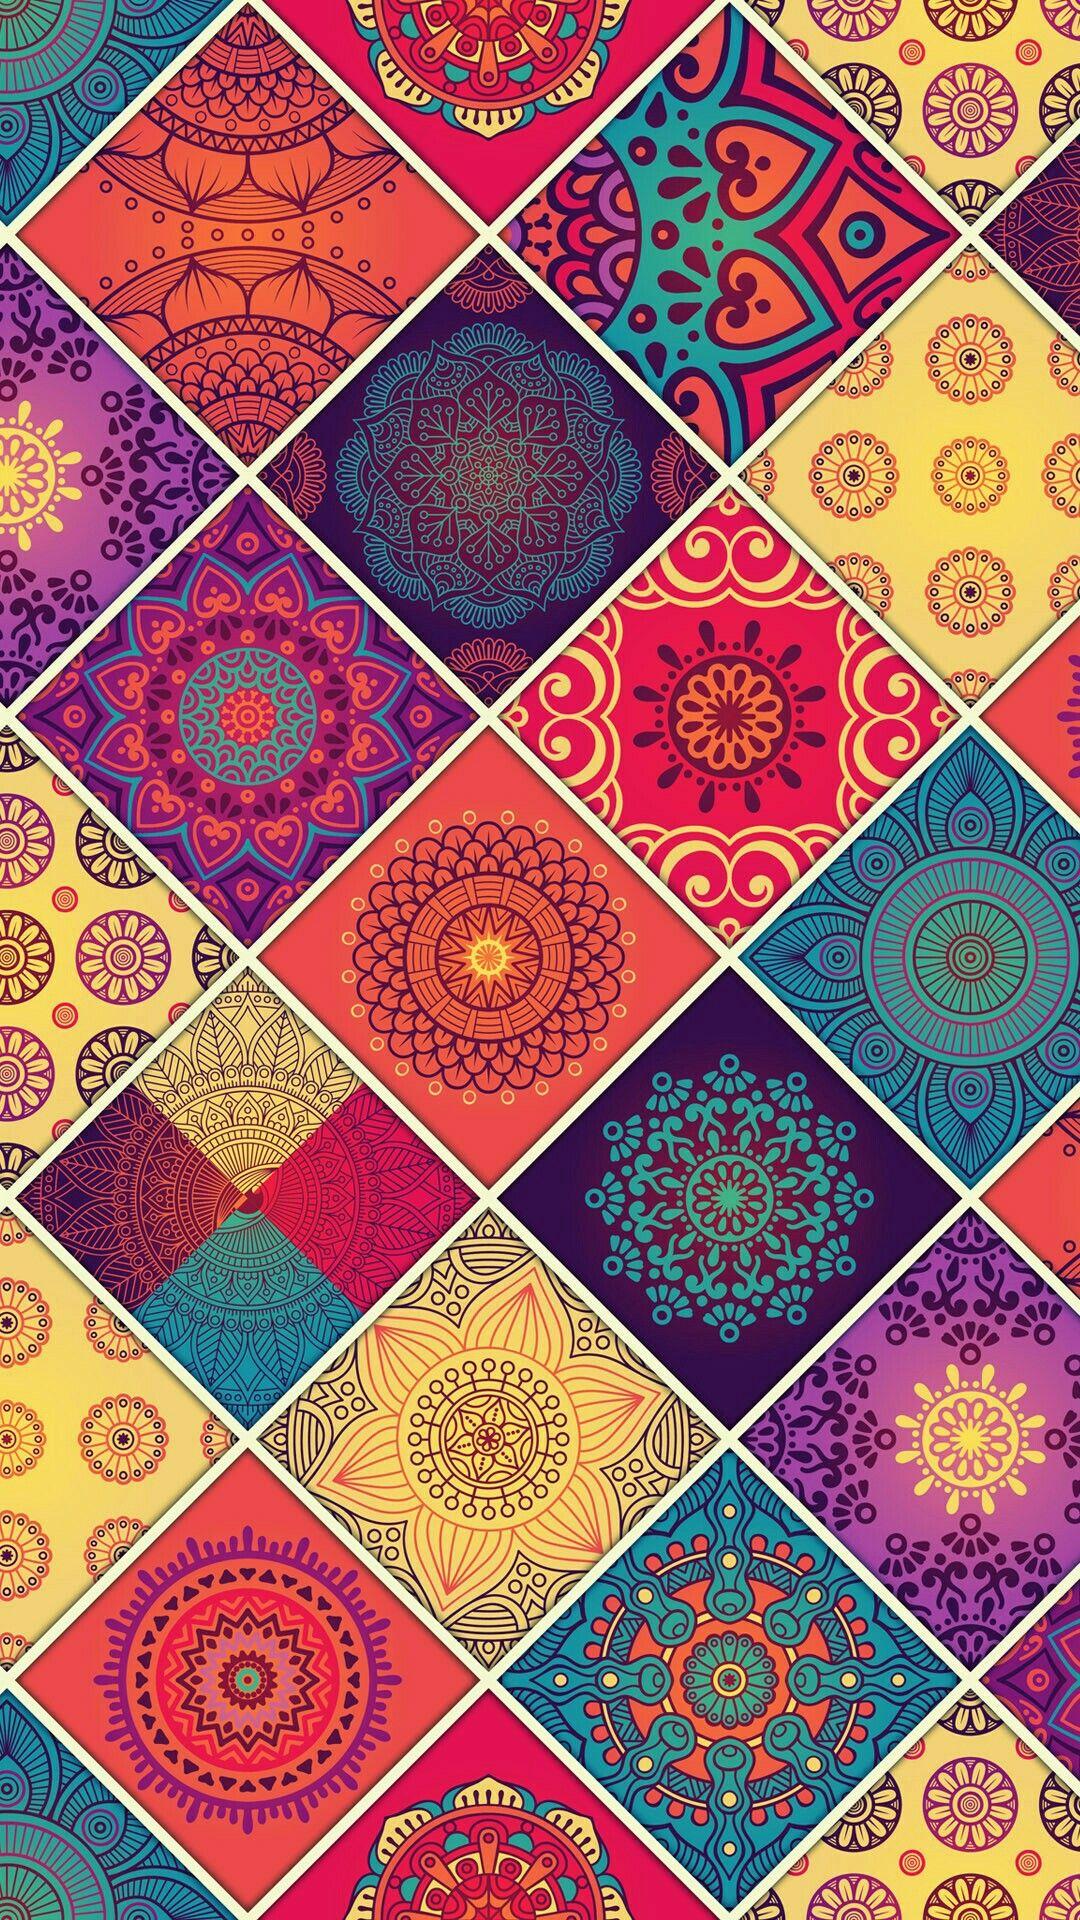 Wallpaper Lockscreen Mandala Cores Padroes De Papel De Parede